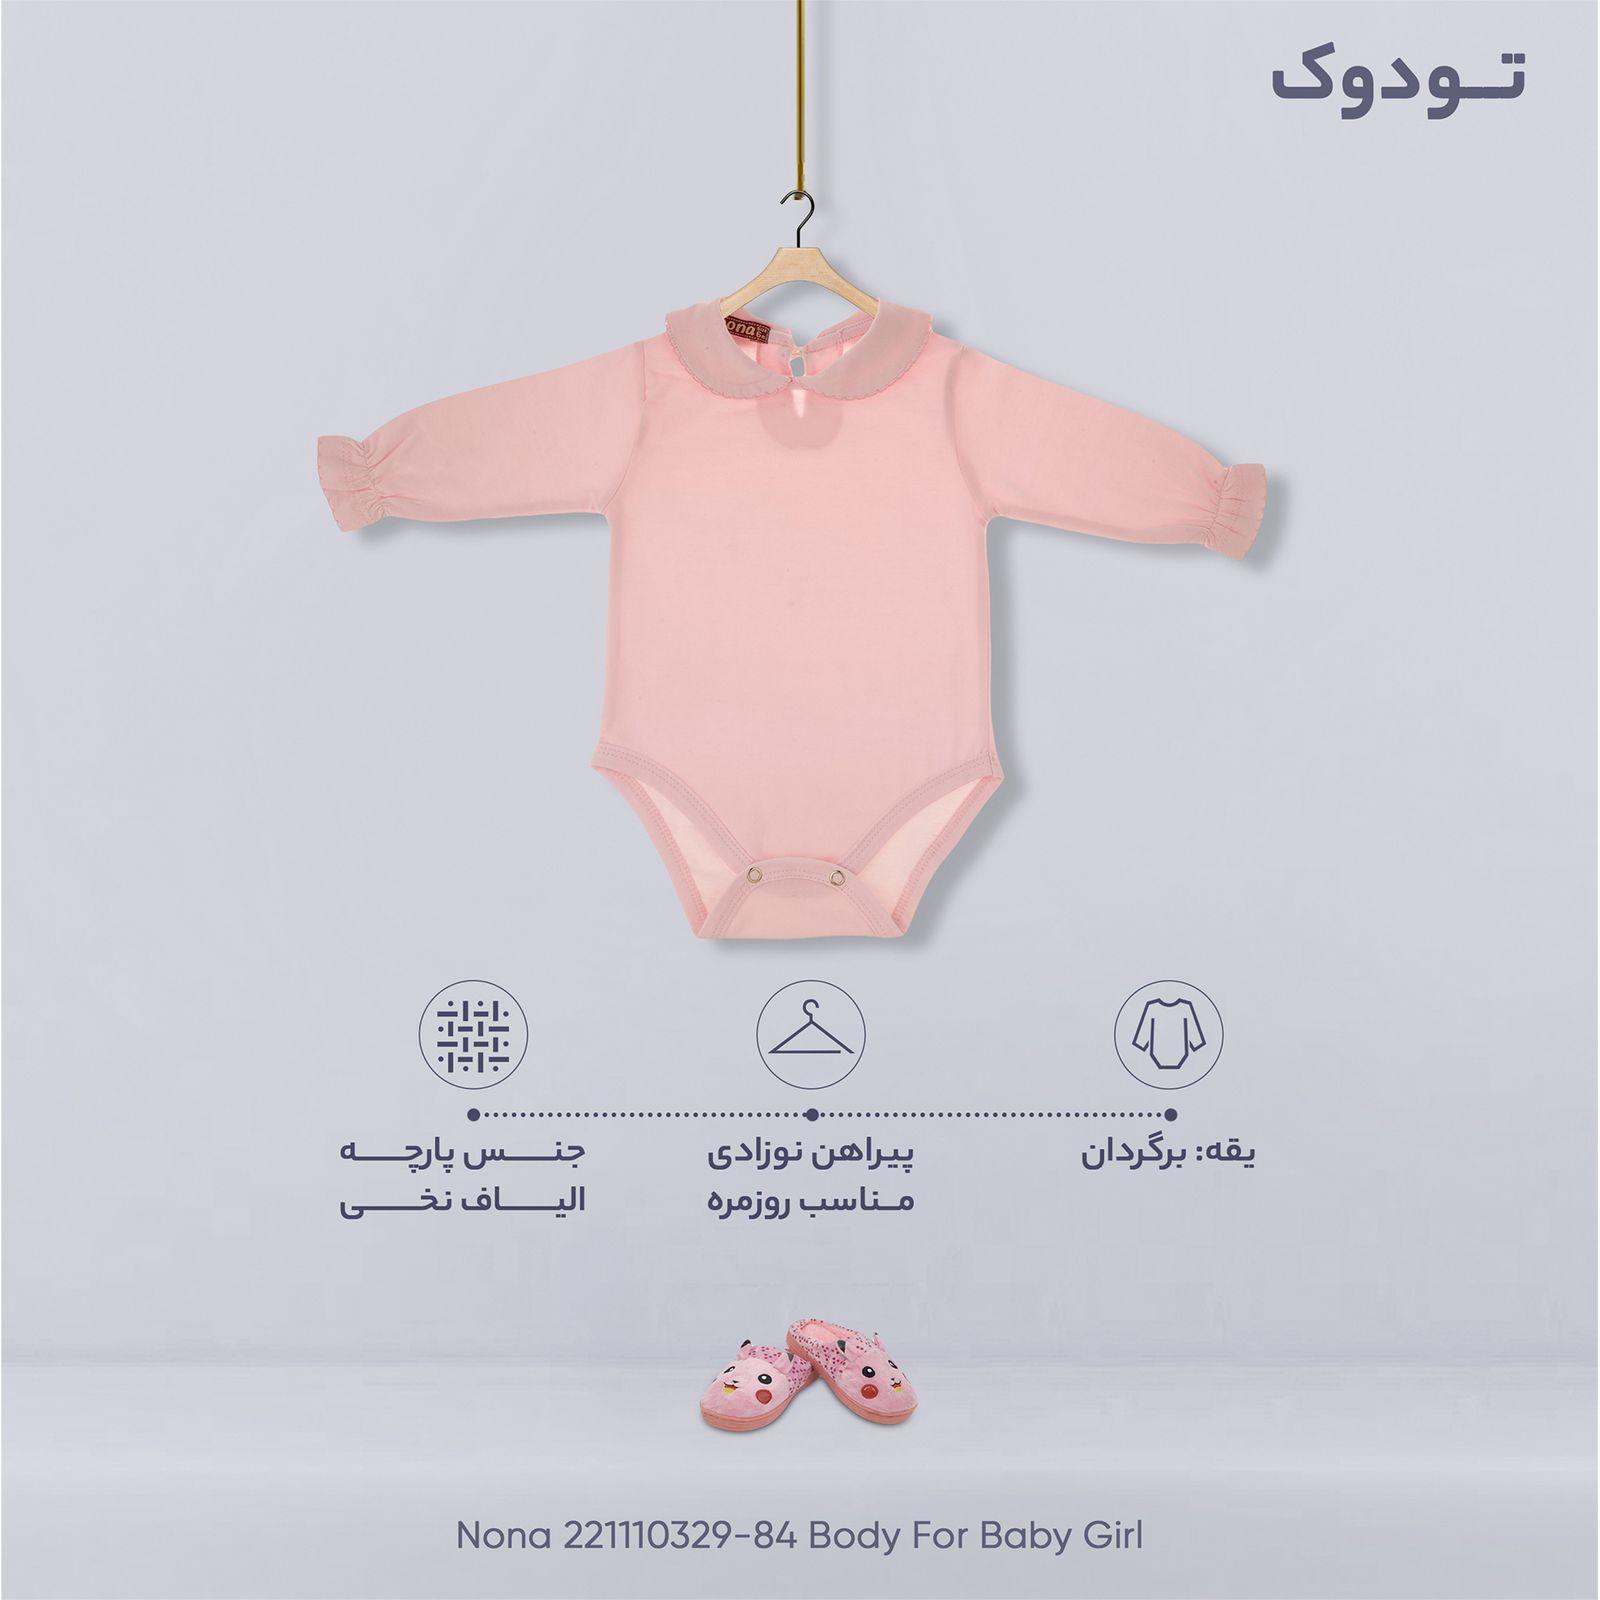 بادی نوزادی دخترانهنونا مدل 221110329-84 -  - 6